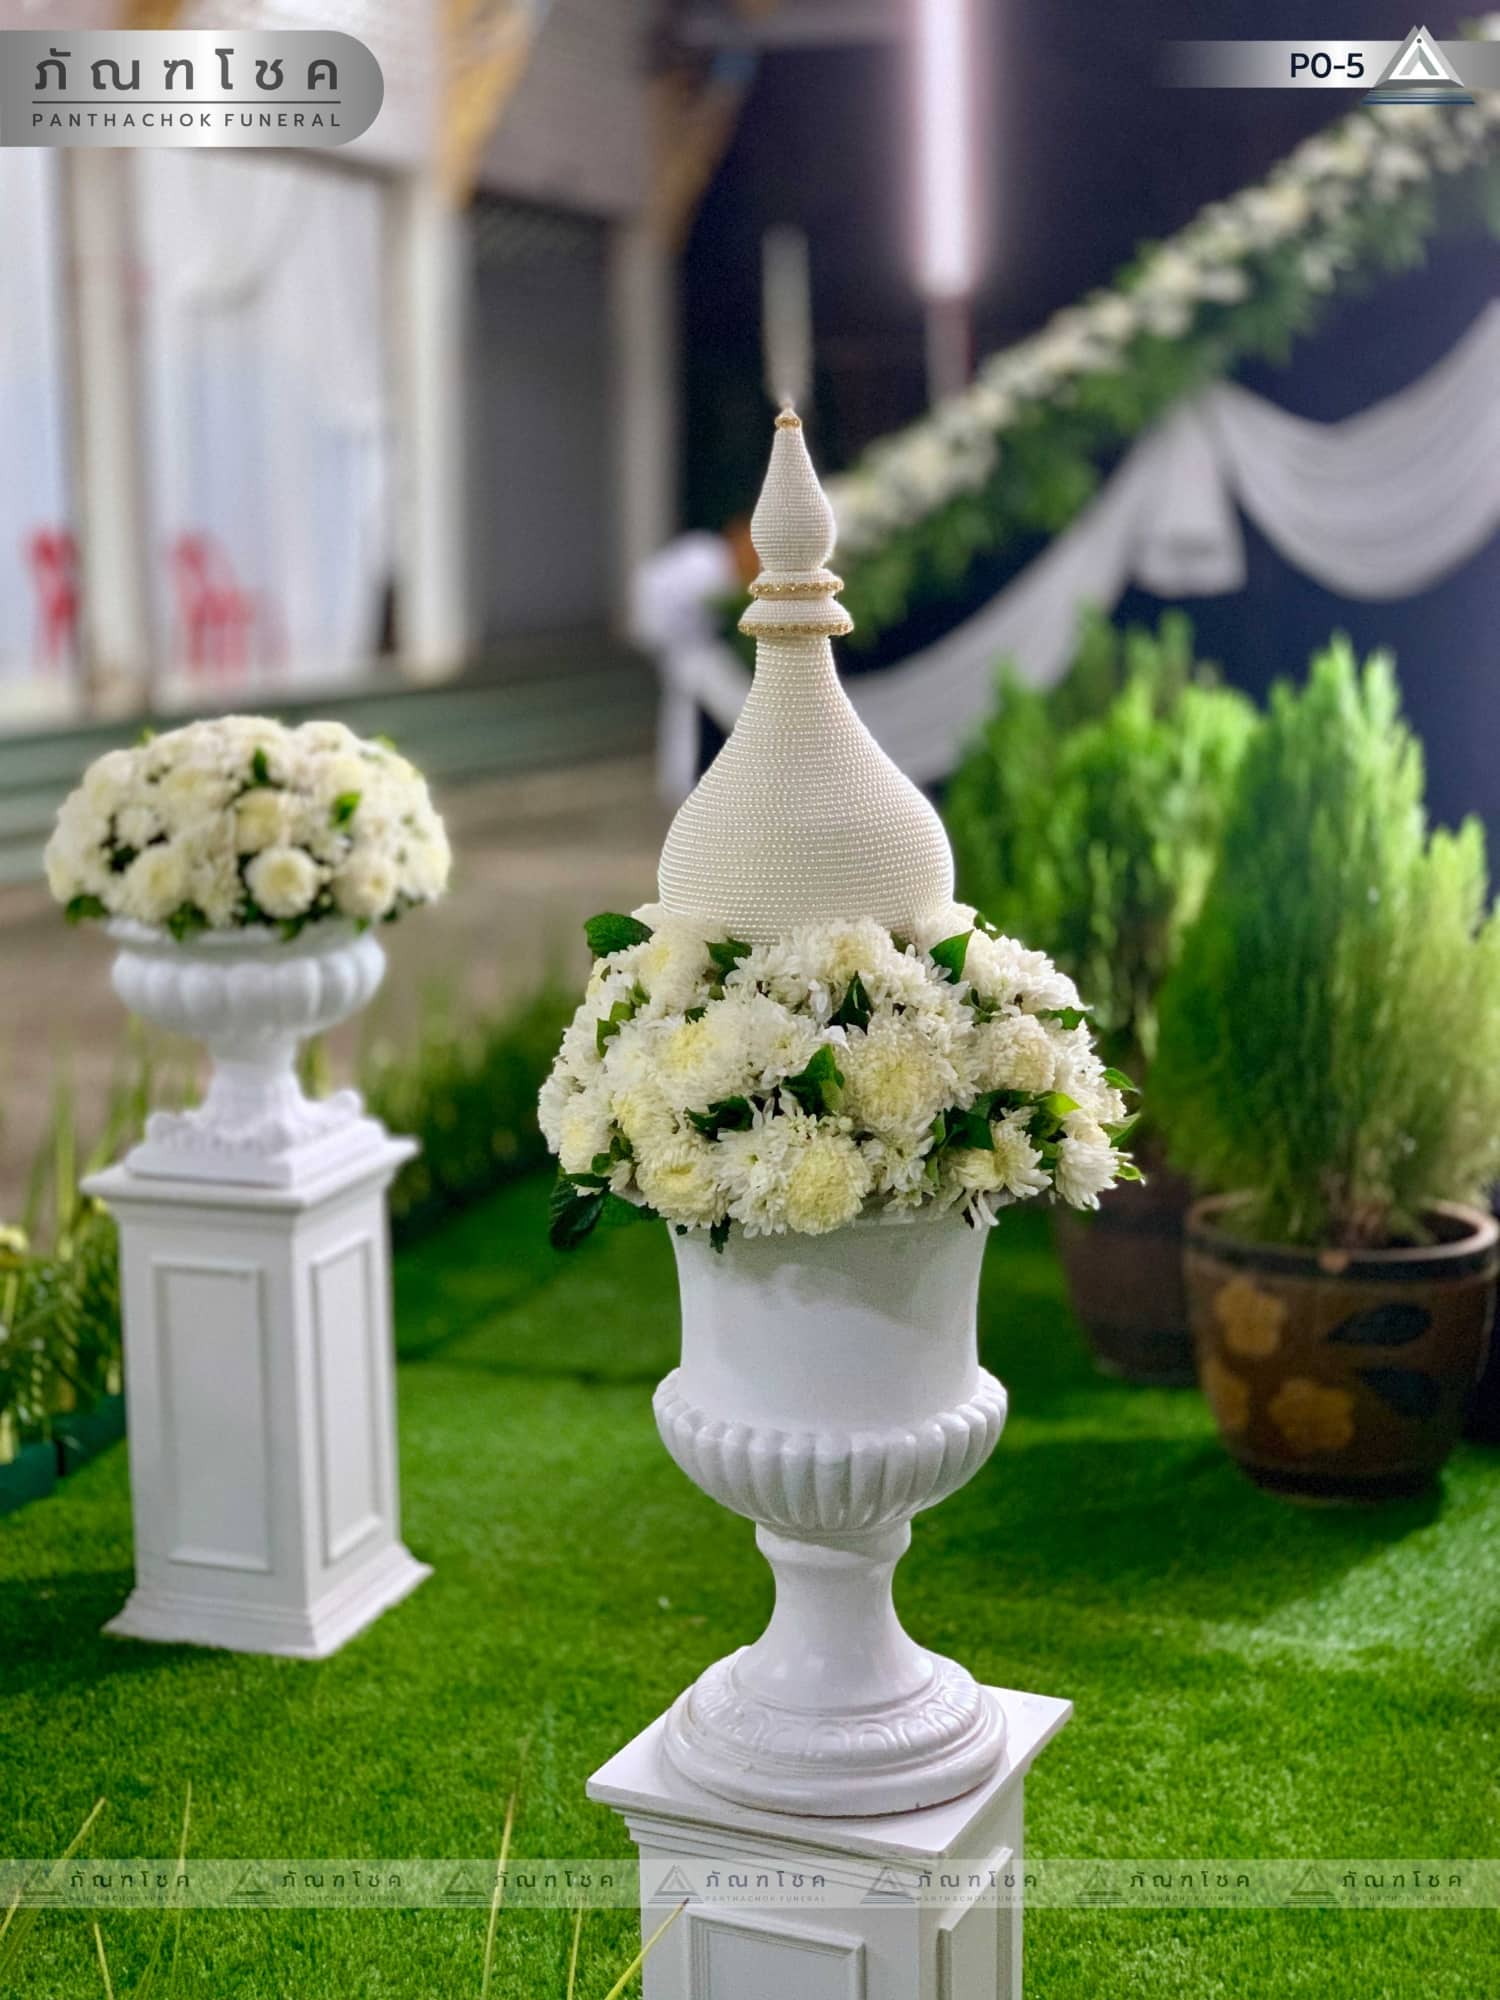 ดอกไม้ประดับเมรุ ชุด P0-5 227